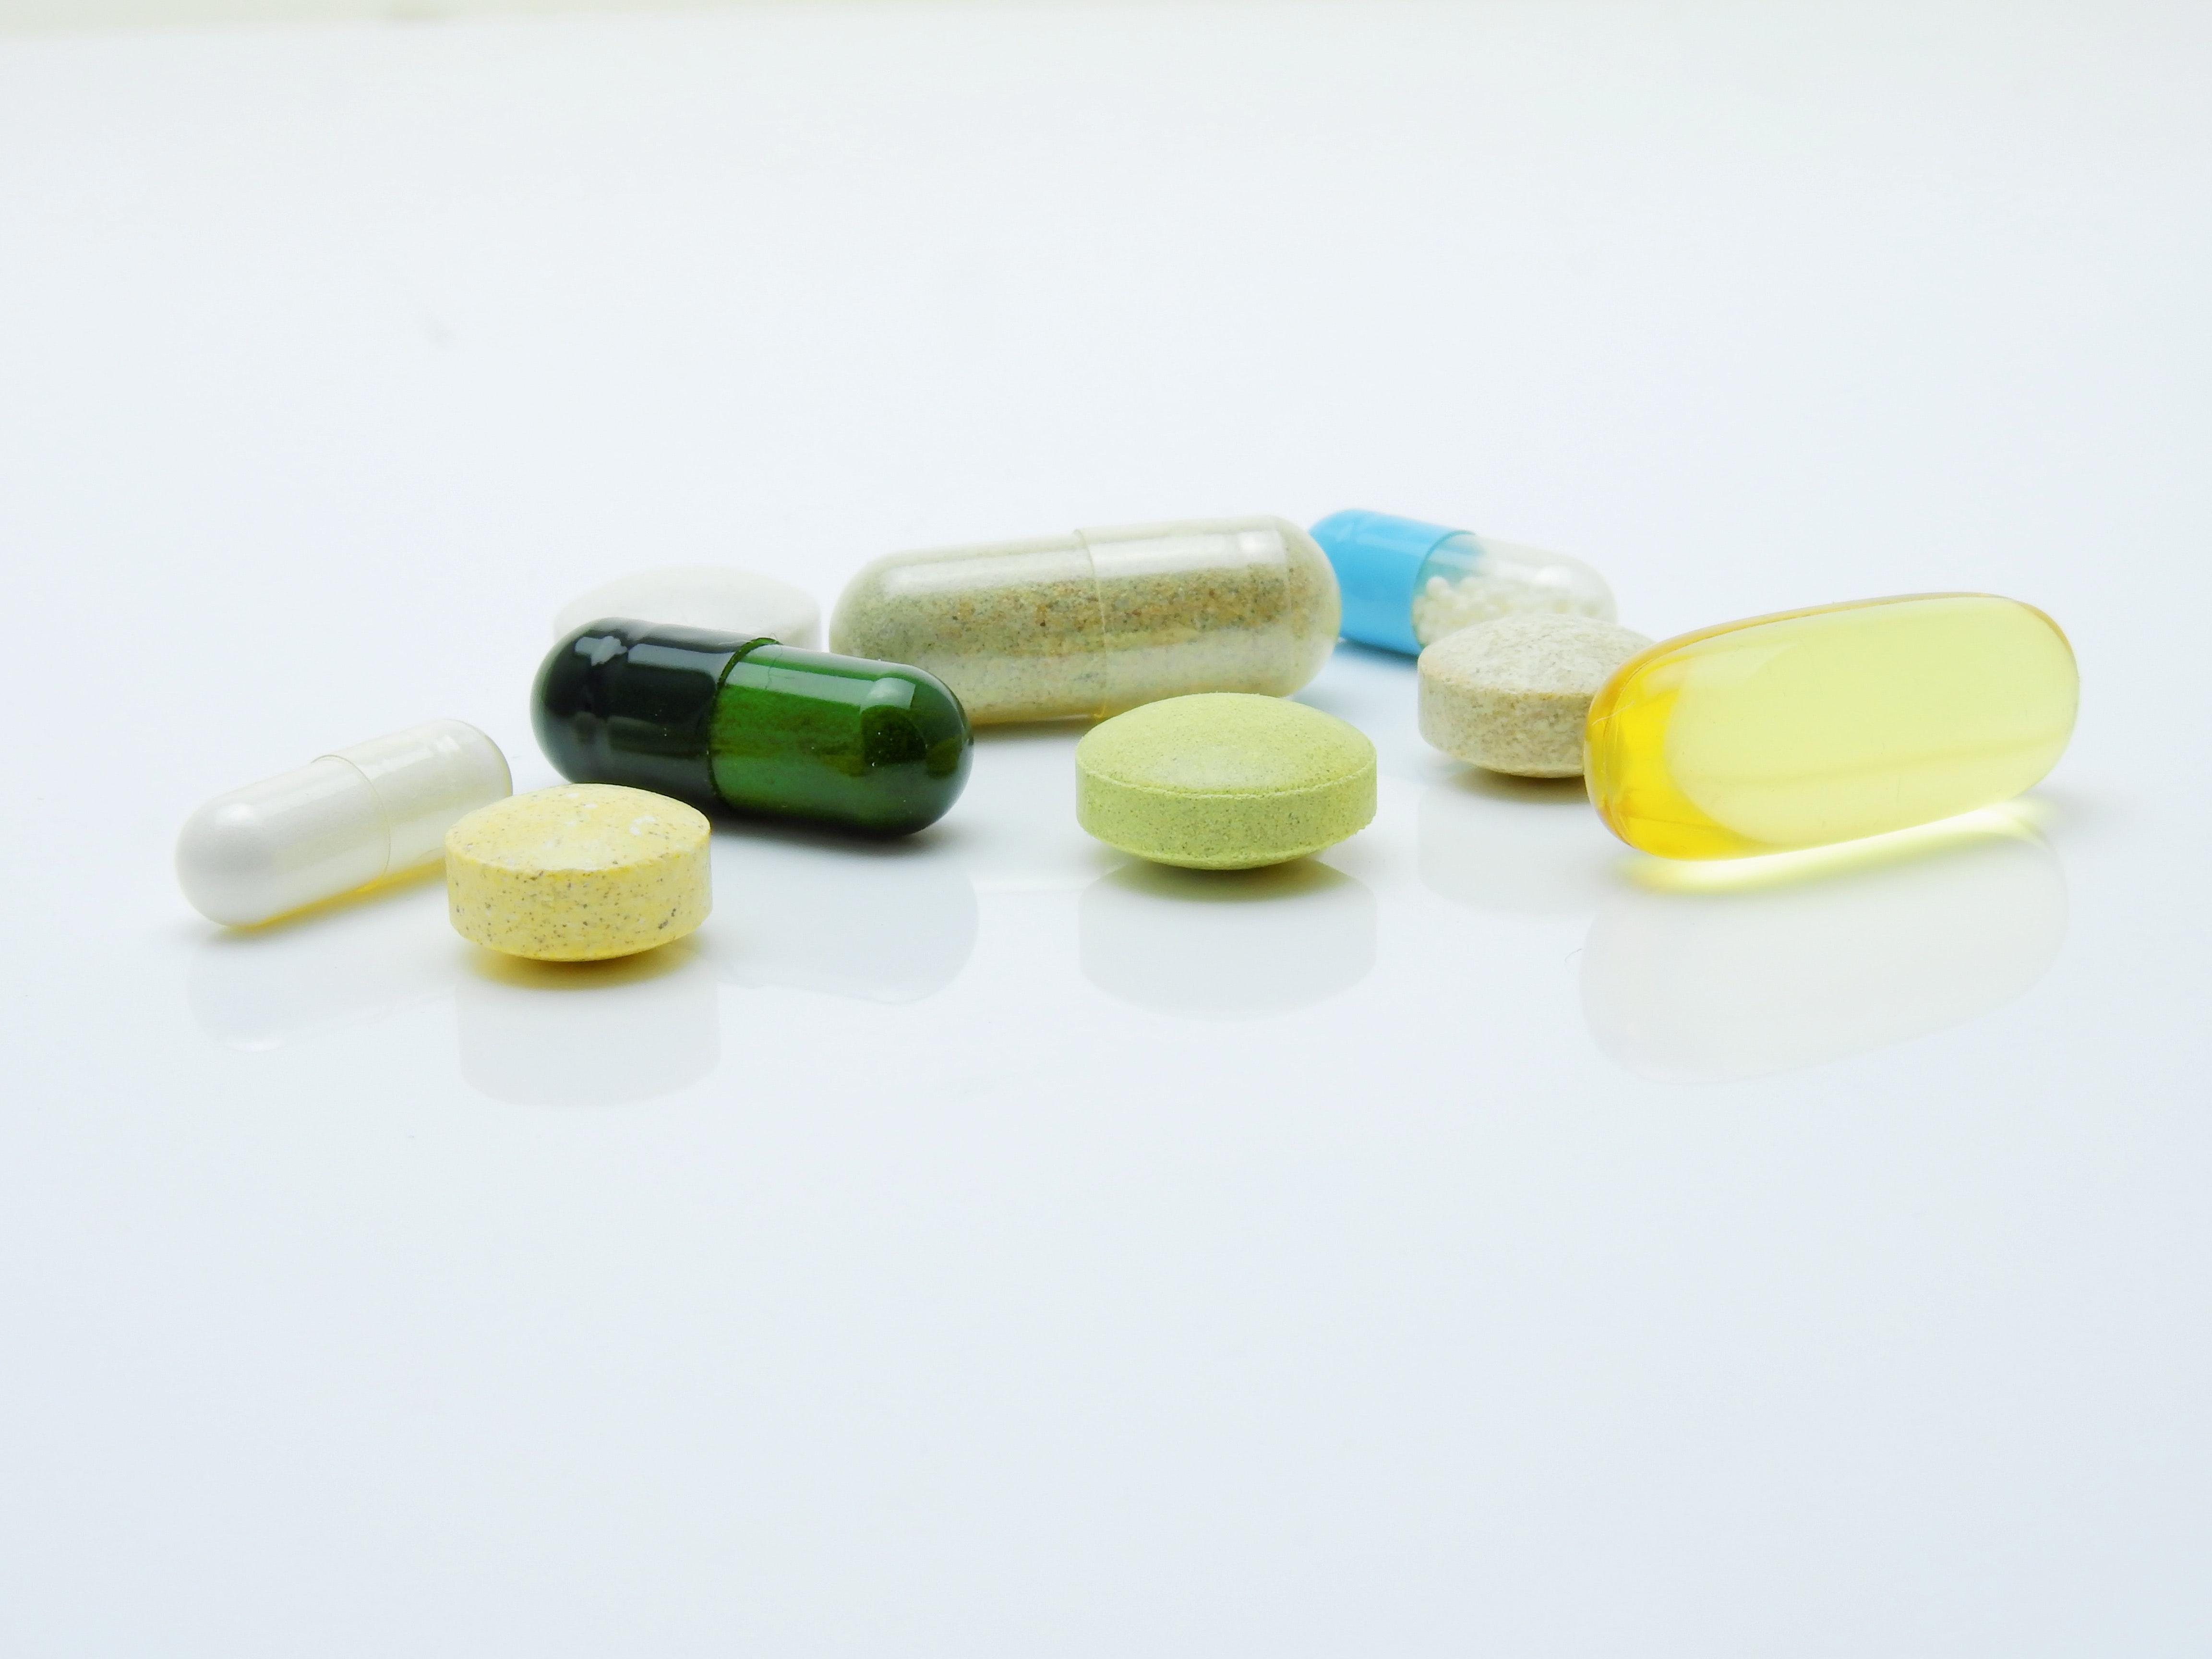 遗漏质检工序日本召回上百万瓶感冒药 其检测仪器有那些?